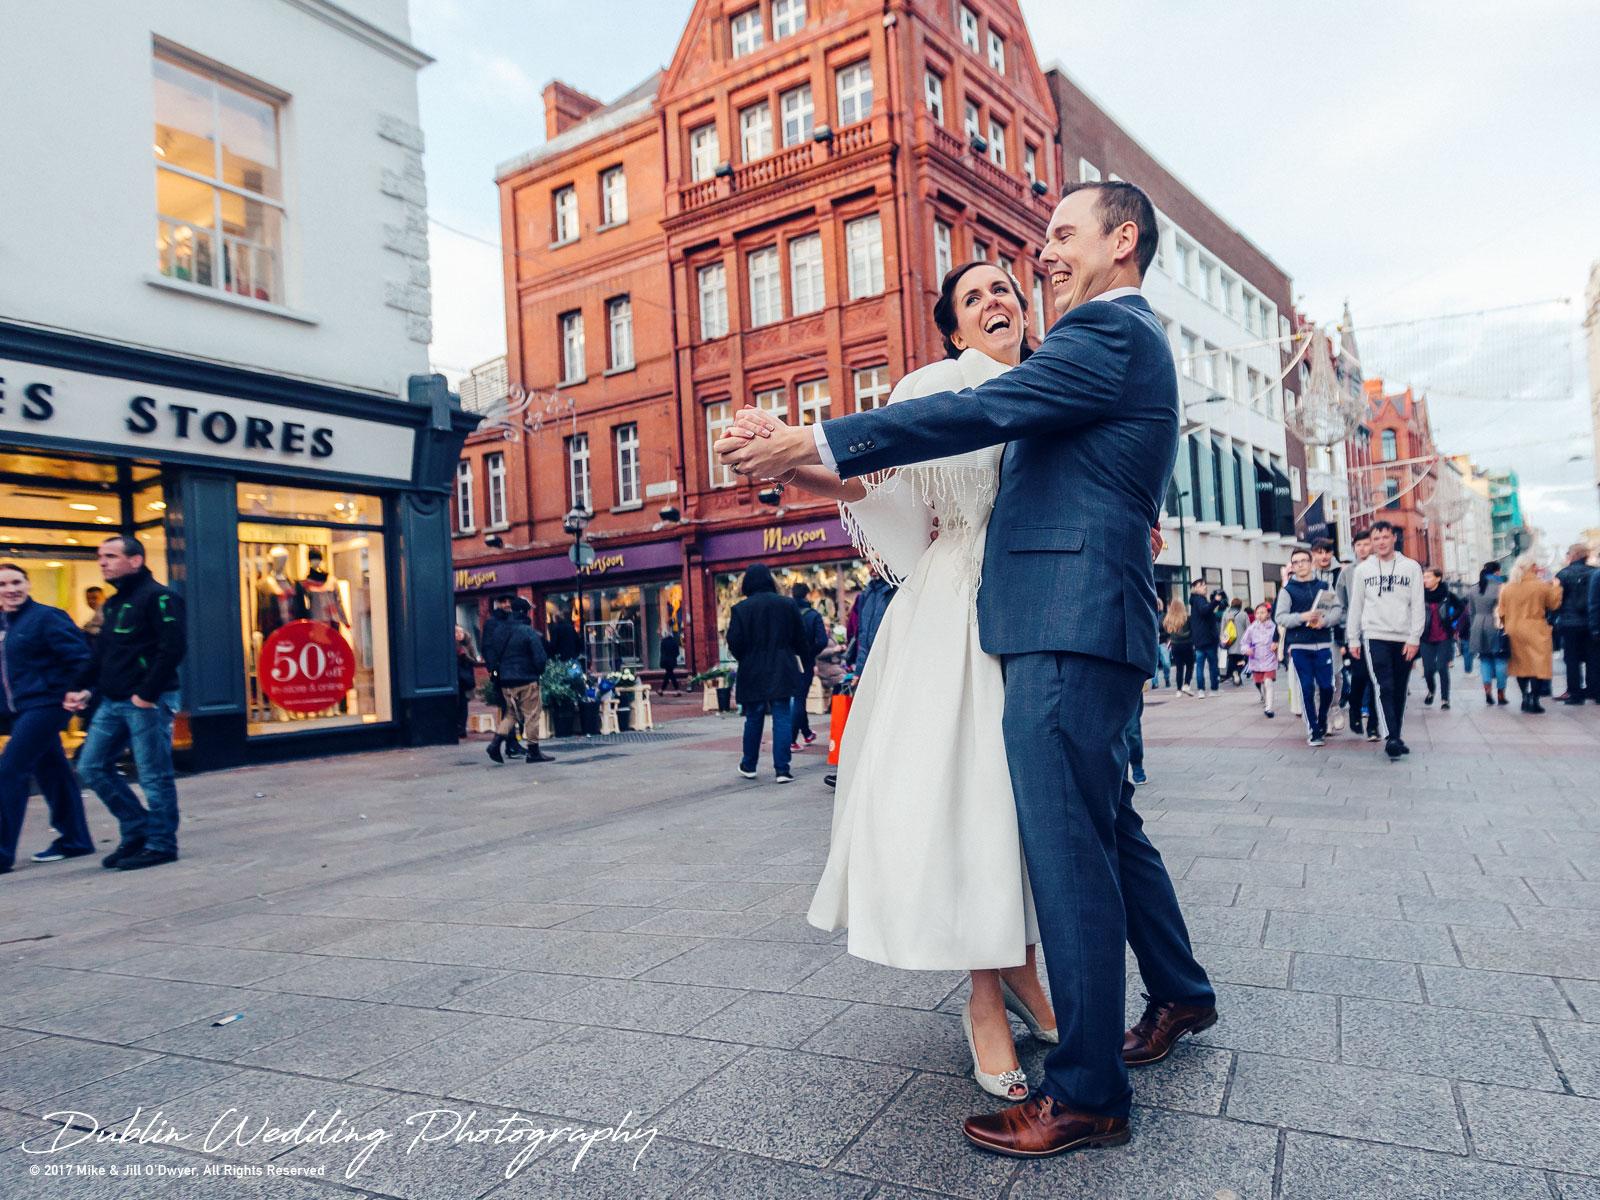 Dublin Wedding Photographer City Streets 037